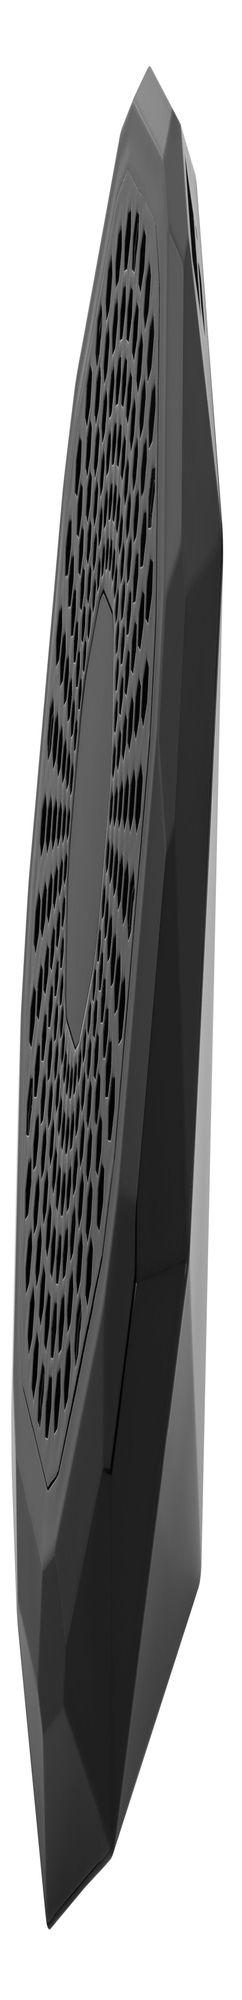 Беспроводная колонка diamondFever с аккумулятором 4000 мАч, черная фото